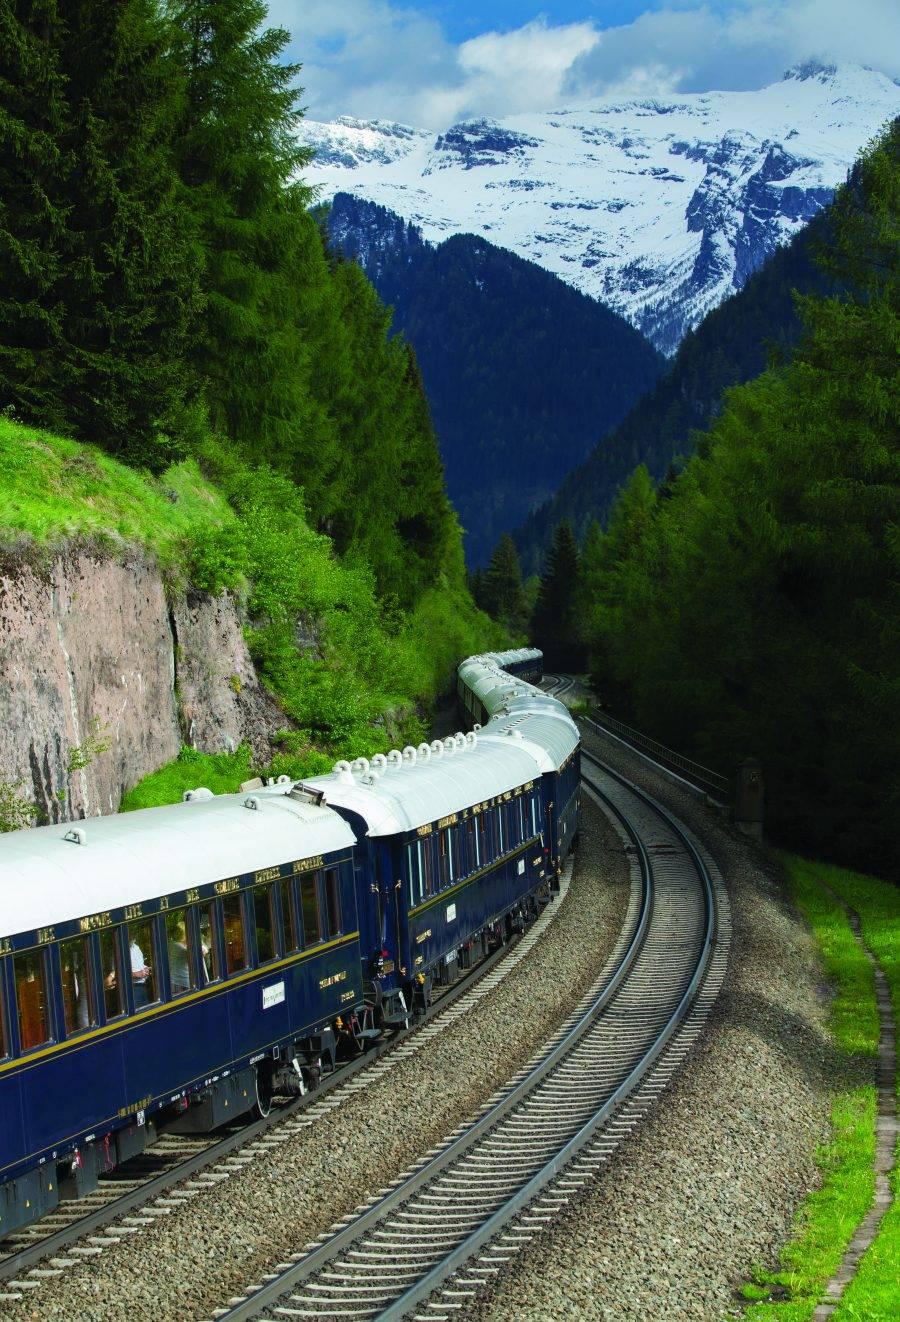 O primeiro trem de luxo com suítes da América do Sul com suítes faz a rota ferroviária mais alta do mundo com 4.800 metros de altitude. (crédito: divulgação/Belmond).